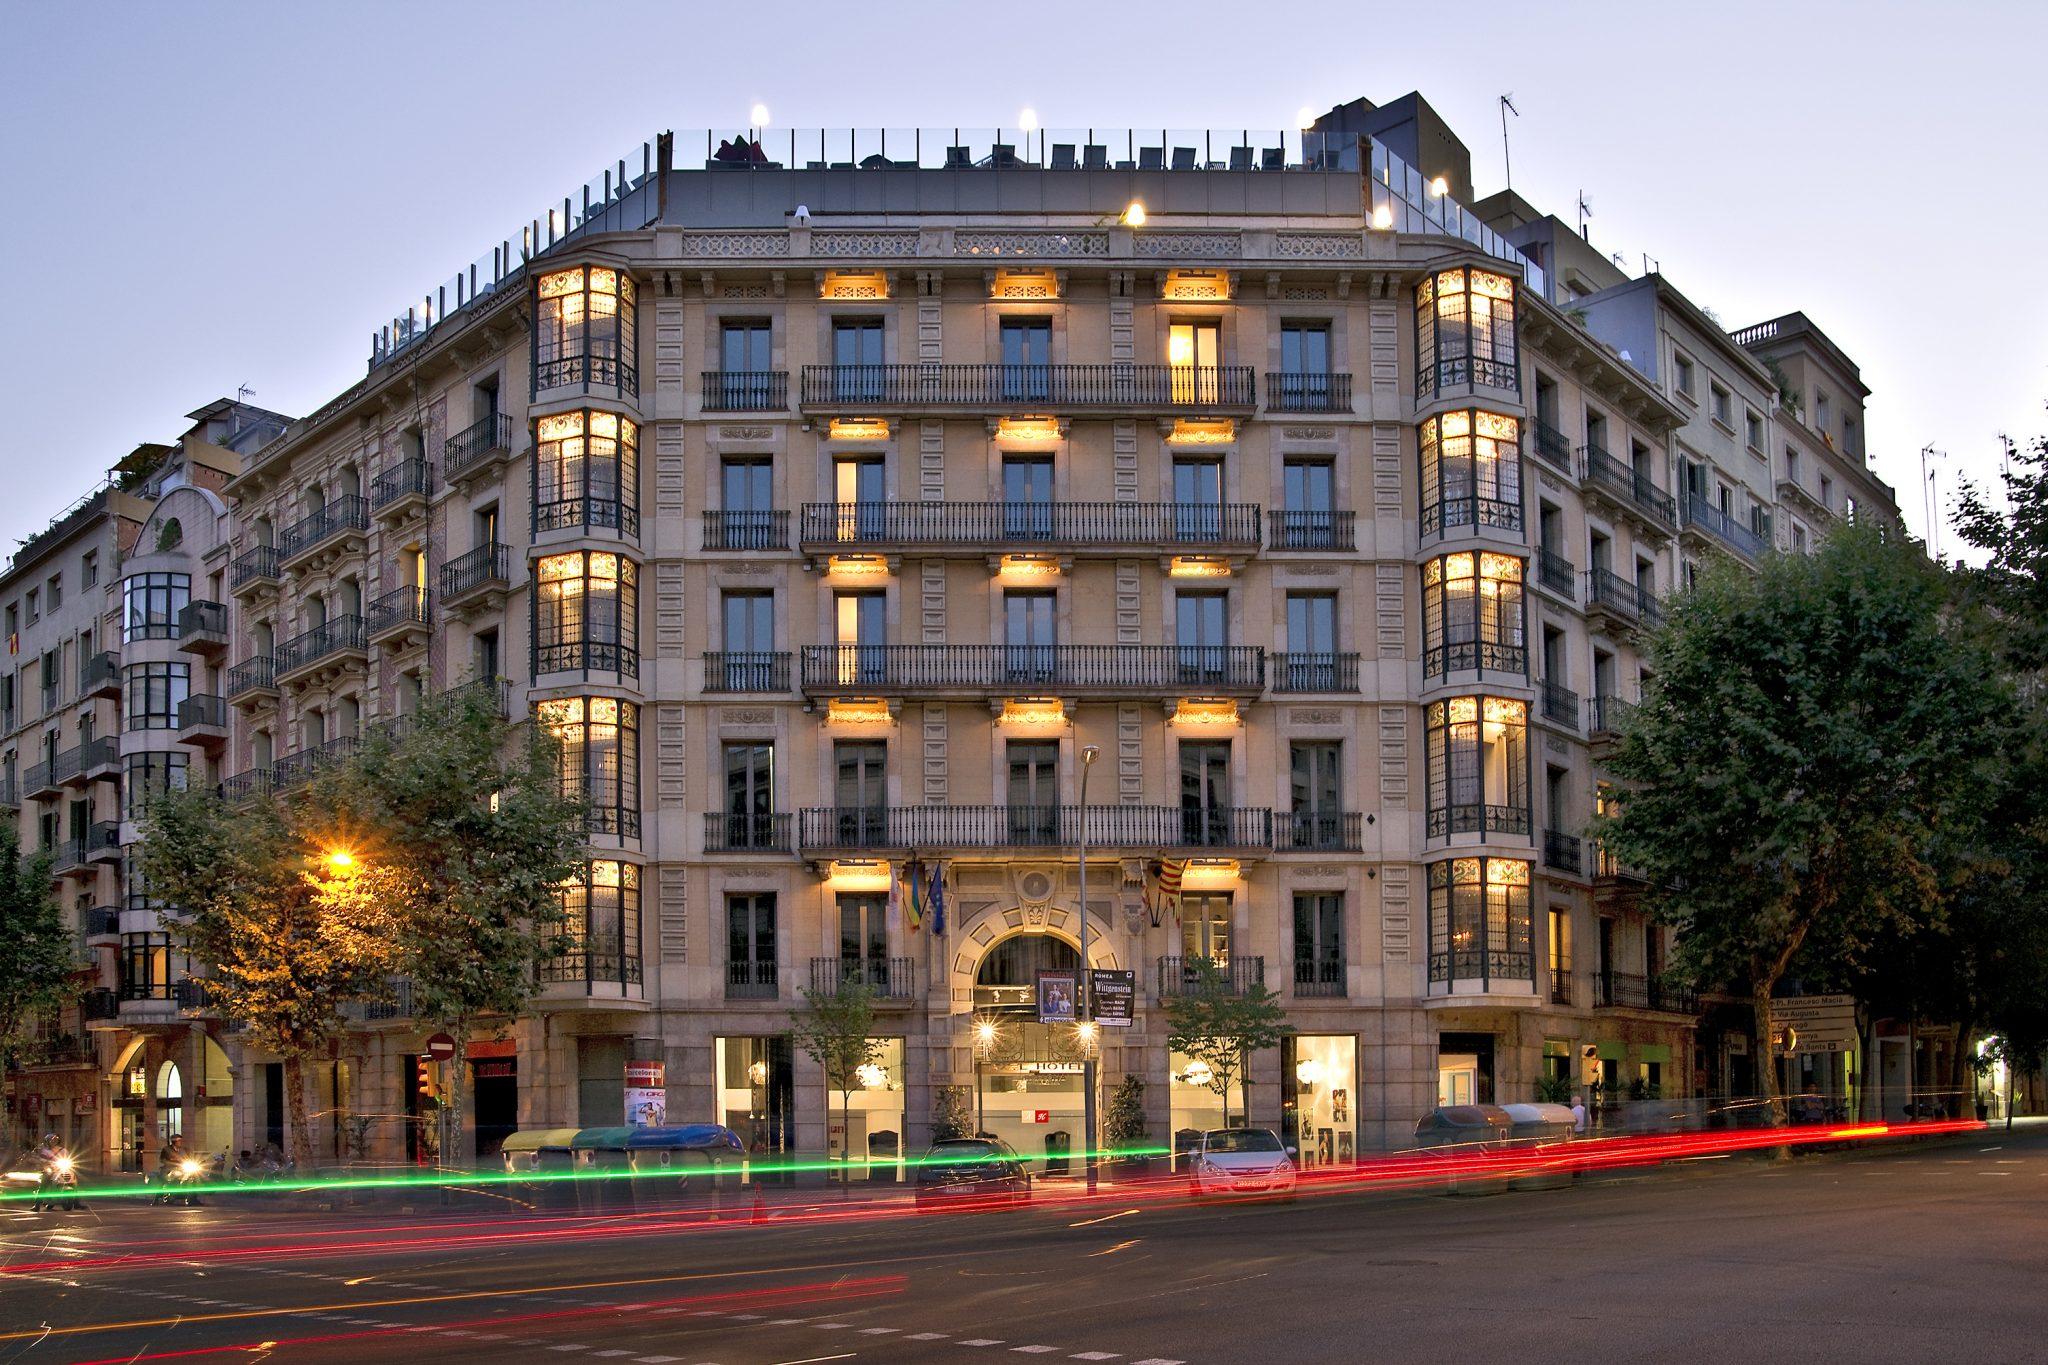 Hoteles gays en barcelona Hoteles en barcelona ciudad